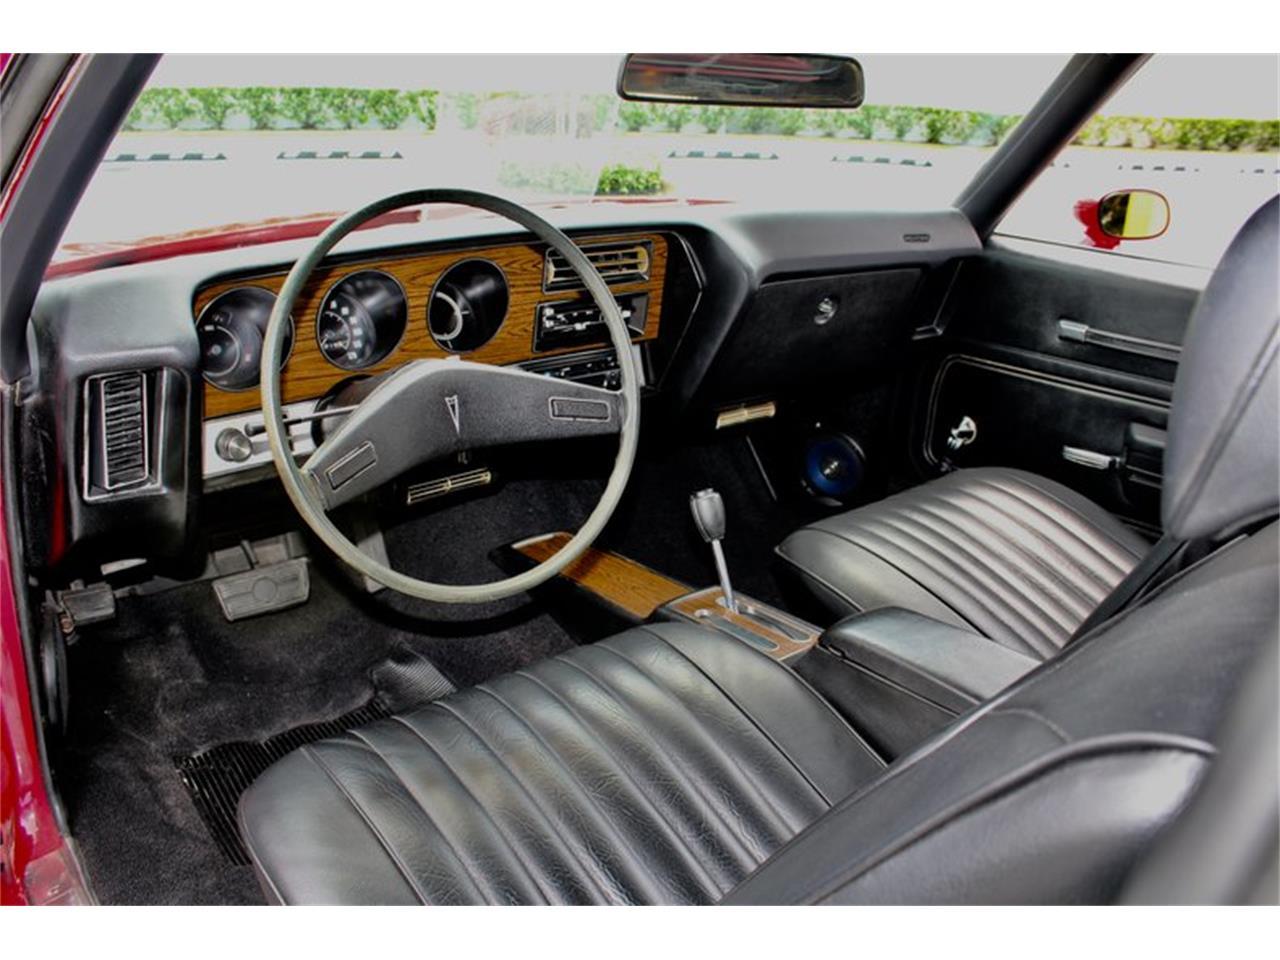 Large Picture of Classic '72 Pontiac LeMans located in Sarasota Florida - PUAK